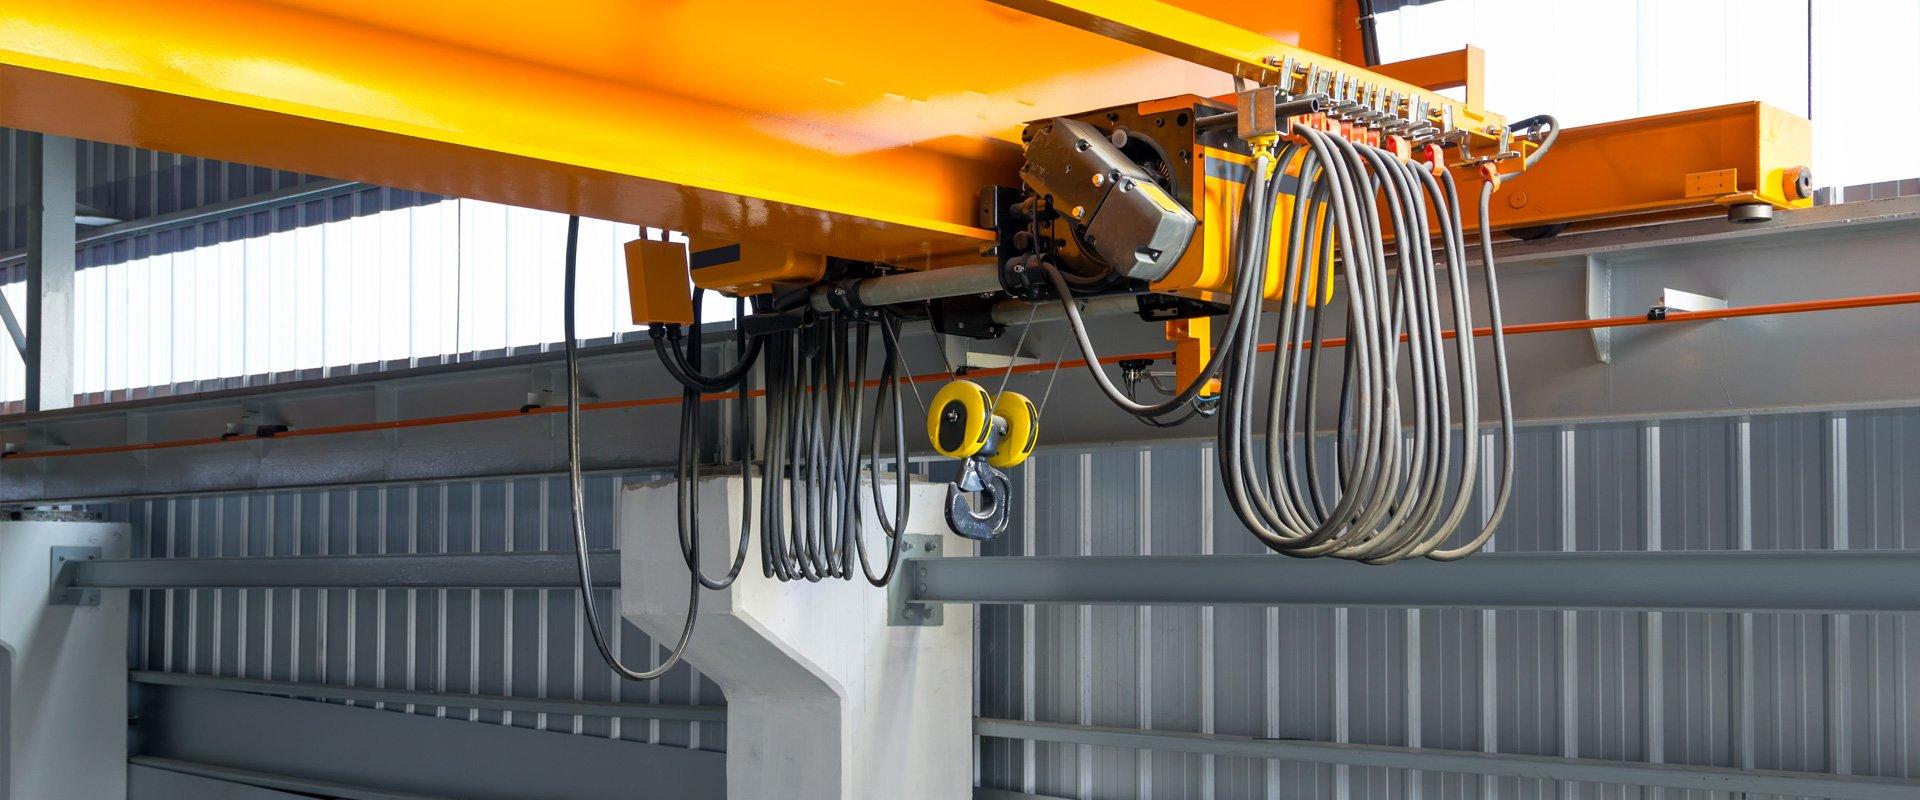 Authorised Crane Supplier in Dubai, UAE   Industrial cranes